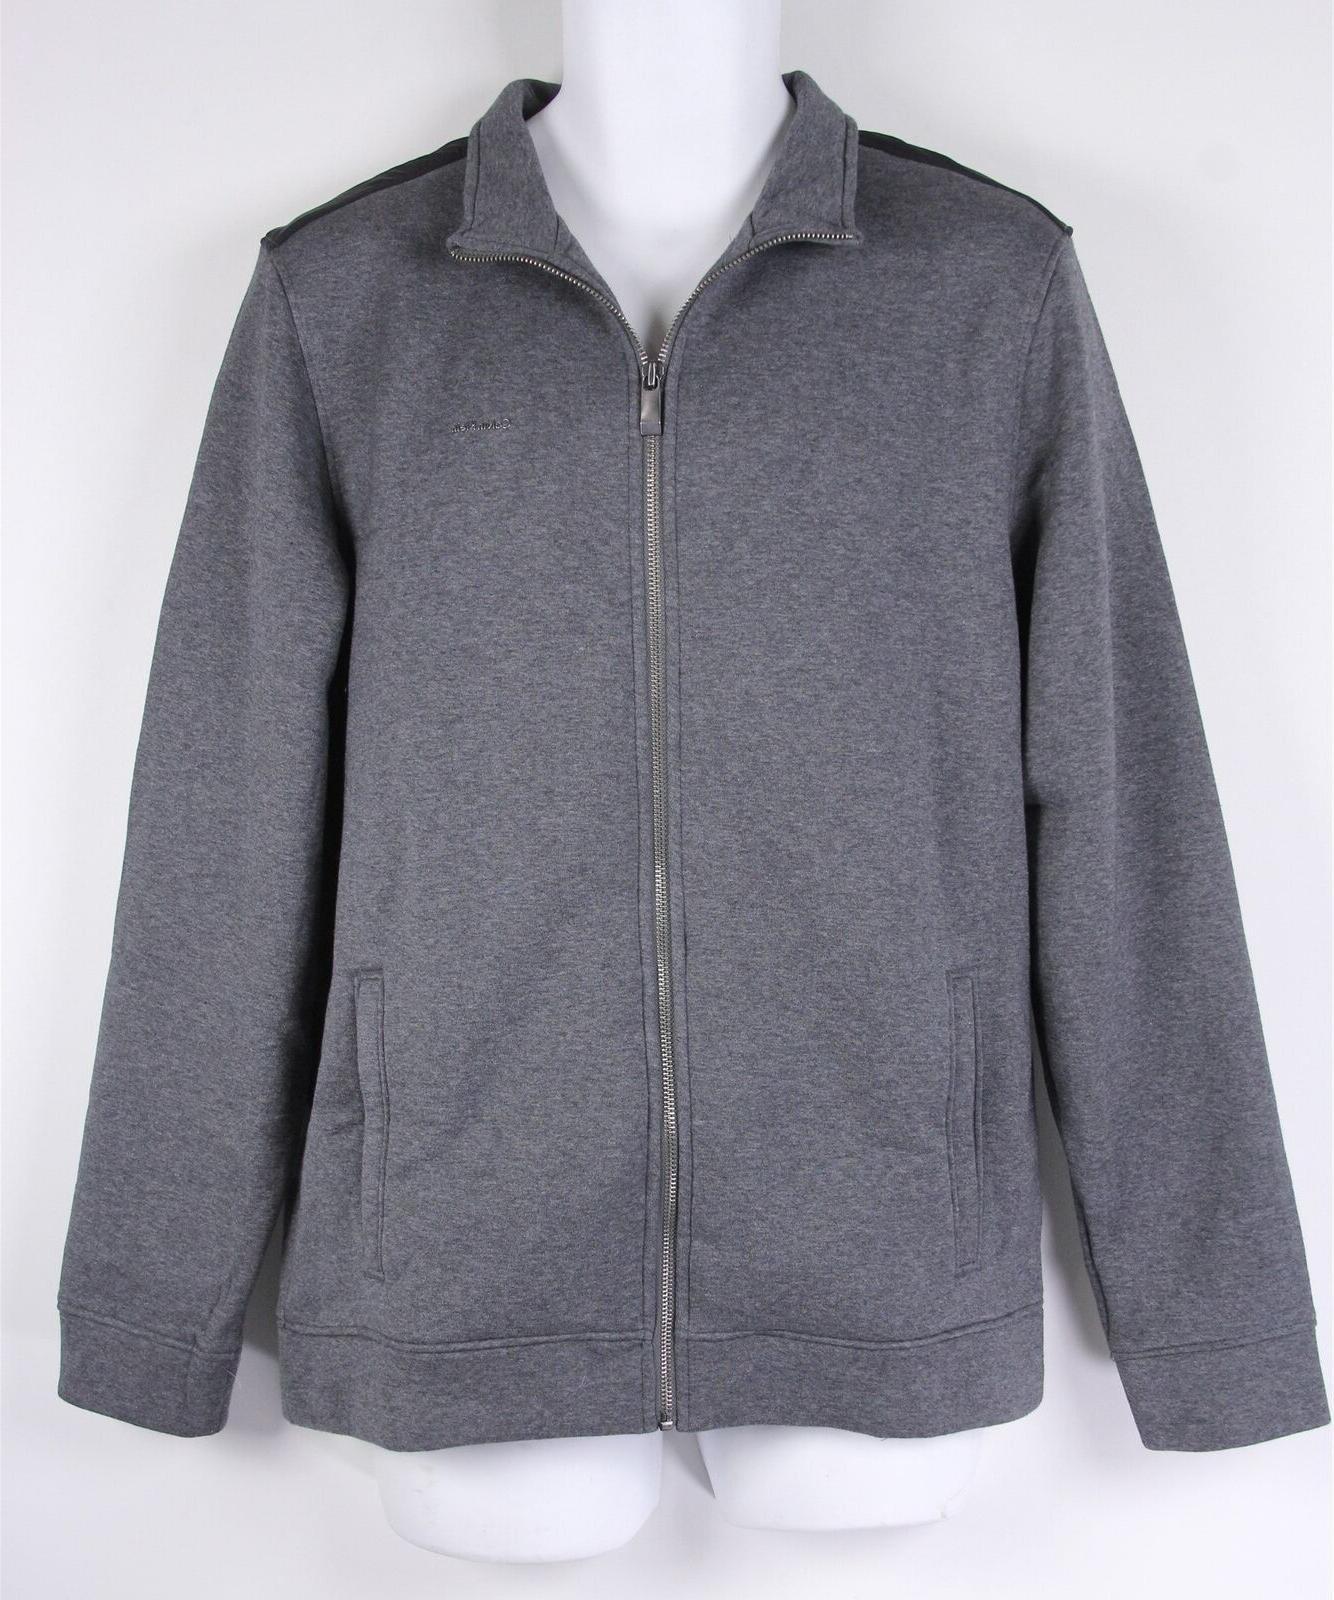 mens jacket m medium gray grey new